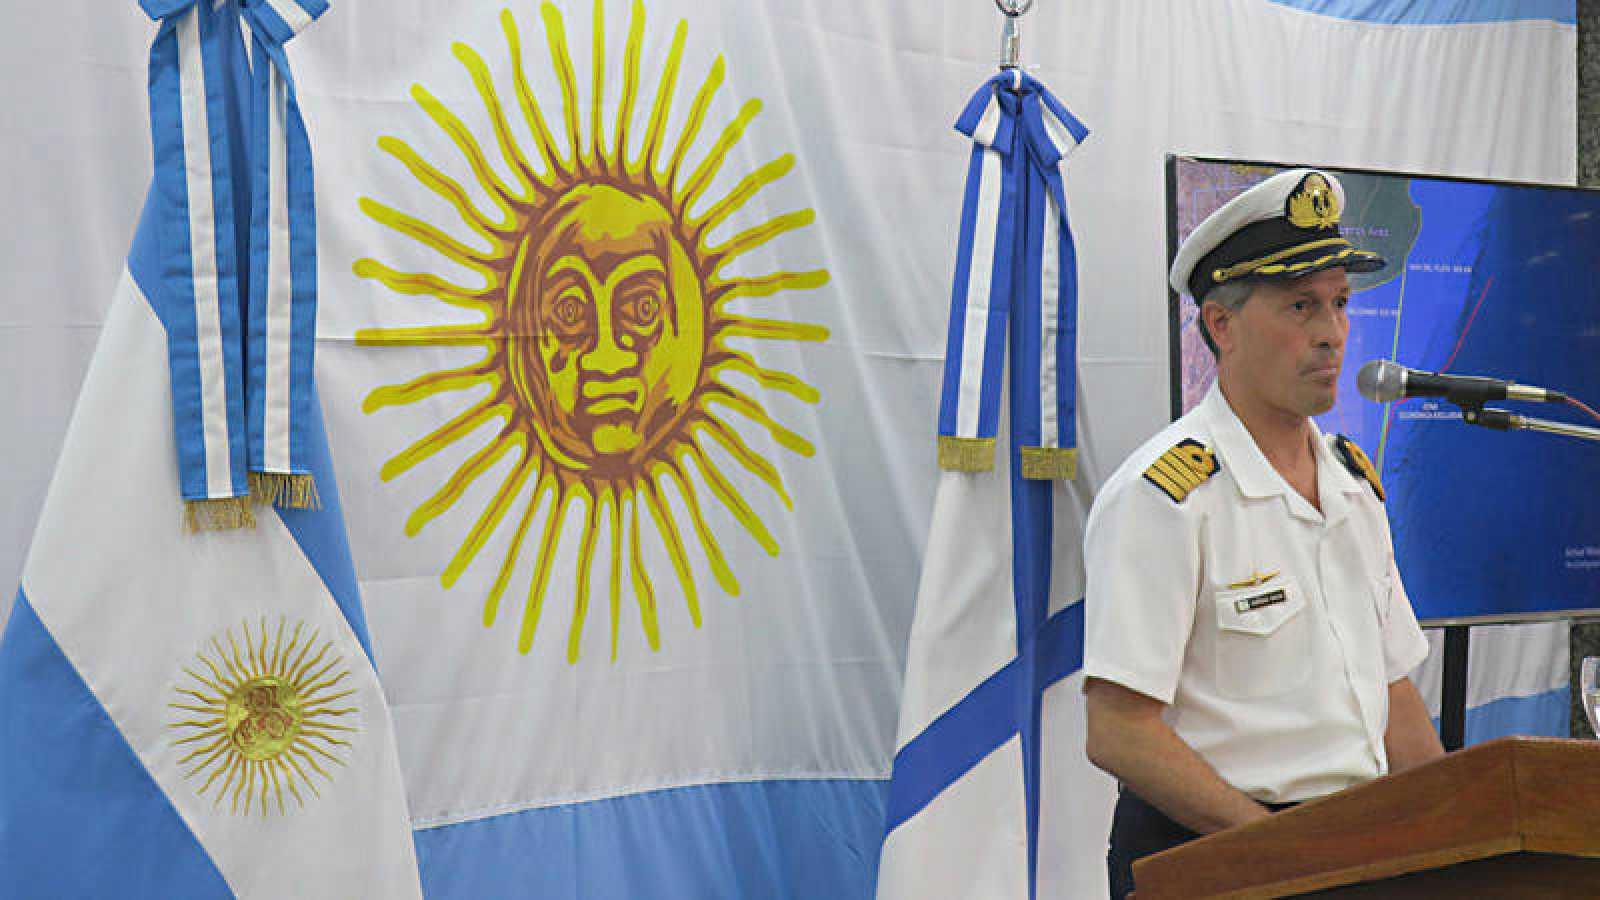 El portavoz de la Armada argentina, capitán Enrique Balbi, informa a los medios de comunicación sobre el submarino desparecido